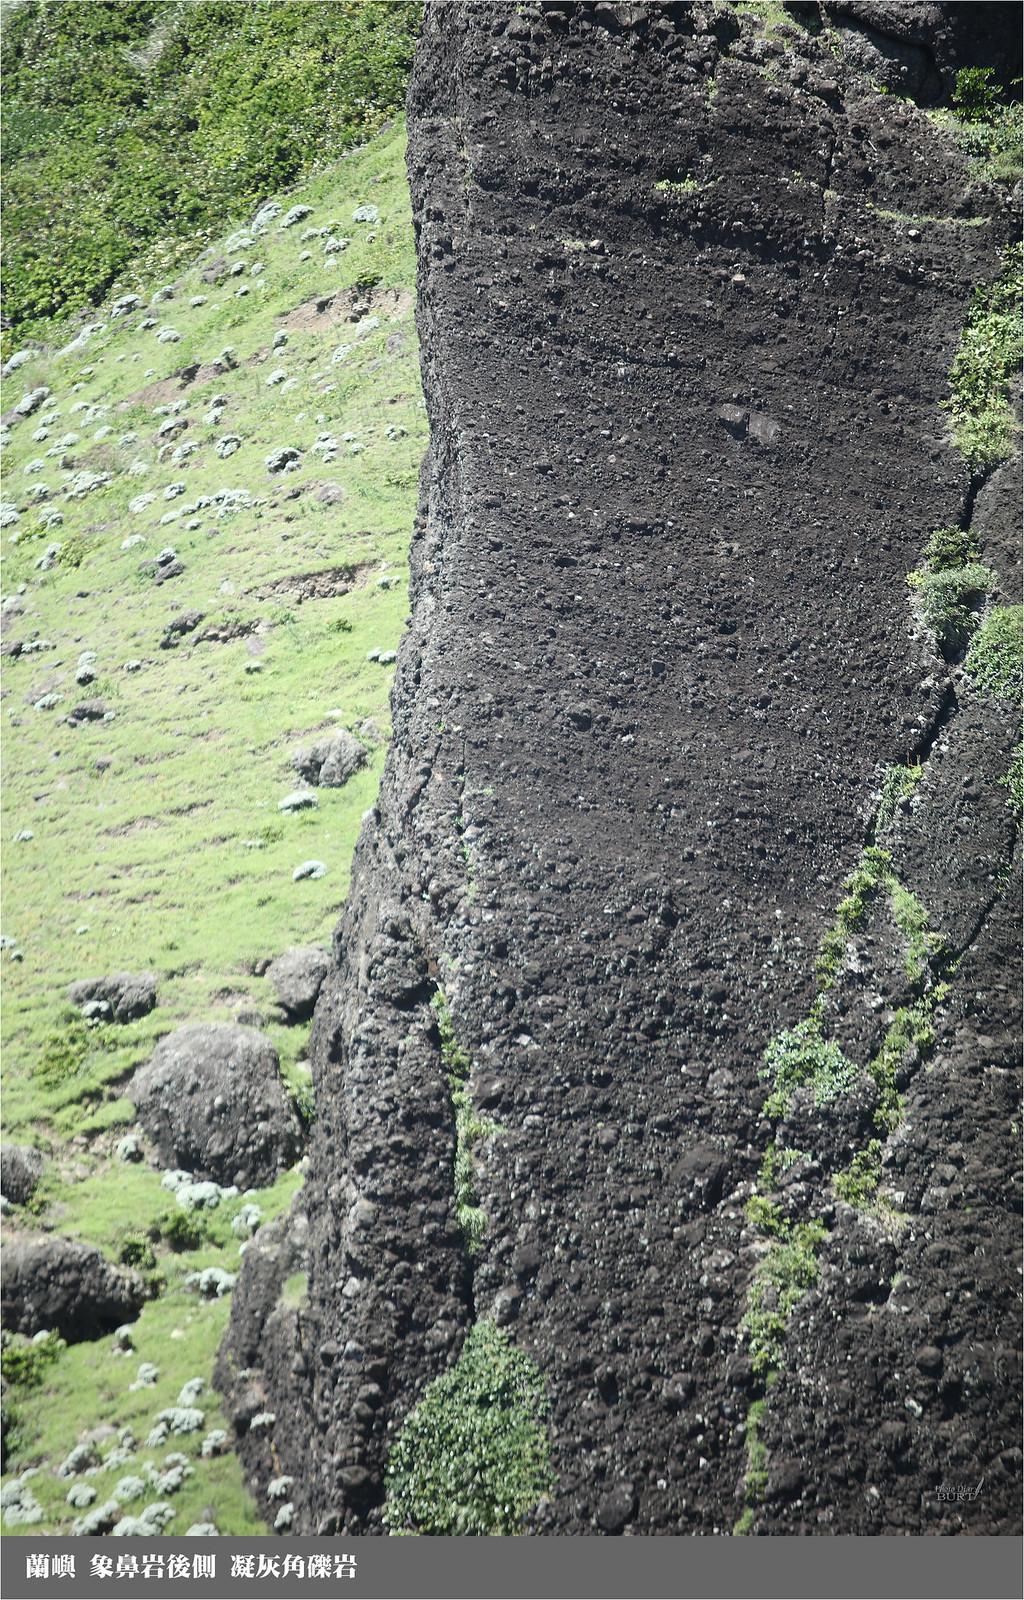 蘭嶼_象鼻岩後側凝灰角礫岩